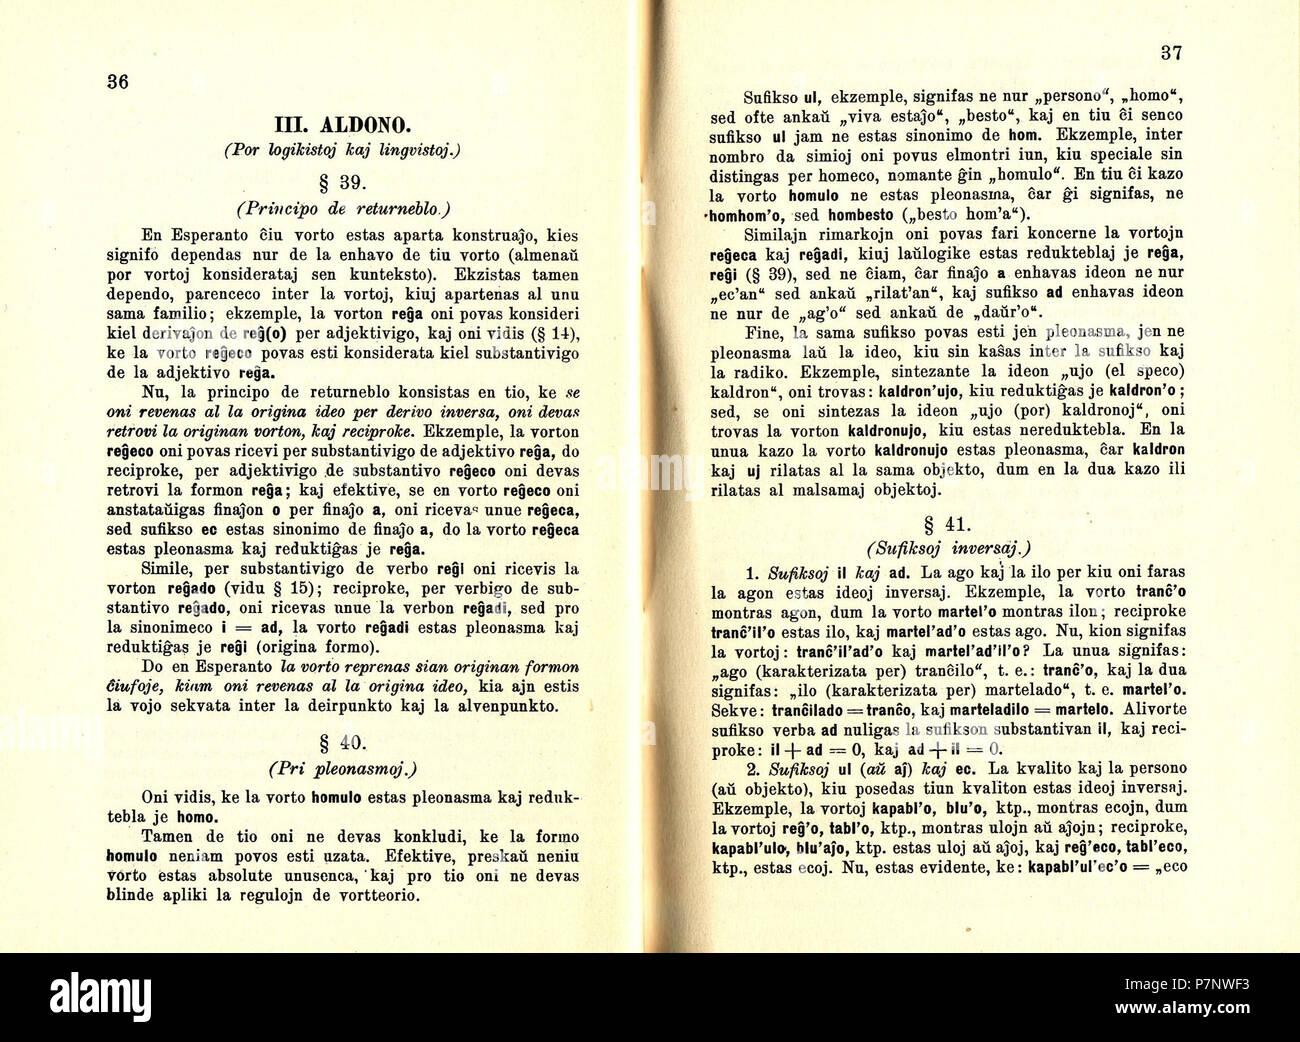 Fundamentaj Reguloj de la Vort-Teorio en Esperanto